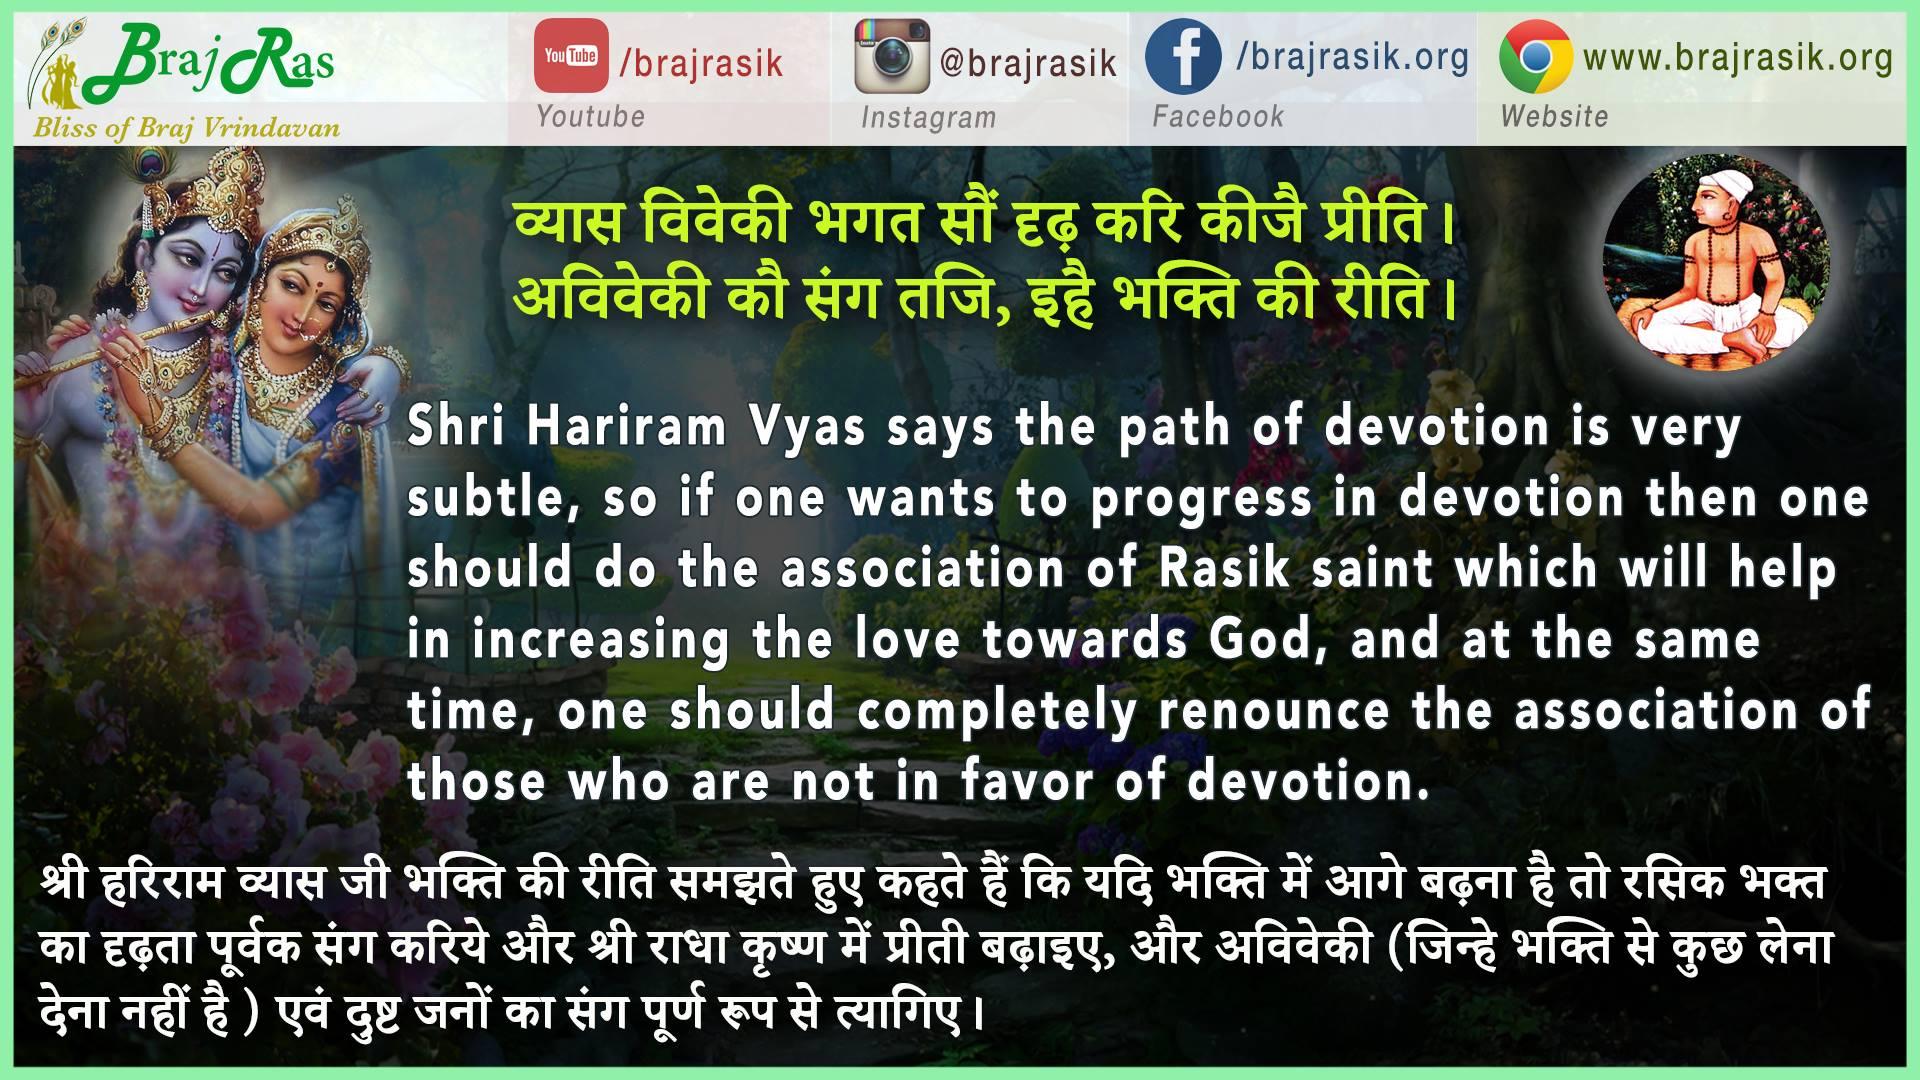 Vyas Viveki Bhagat Saun Dridh Kari Keejai Preeti - Shri Hariram Vyas, Vyas Vani